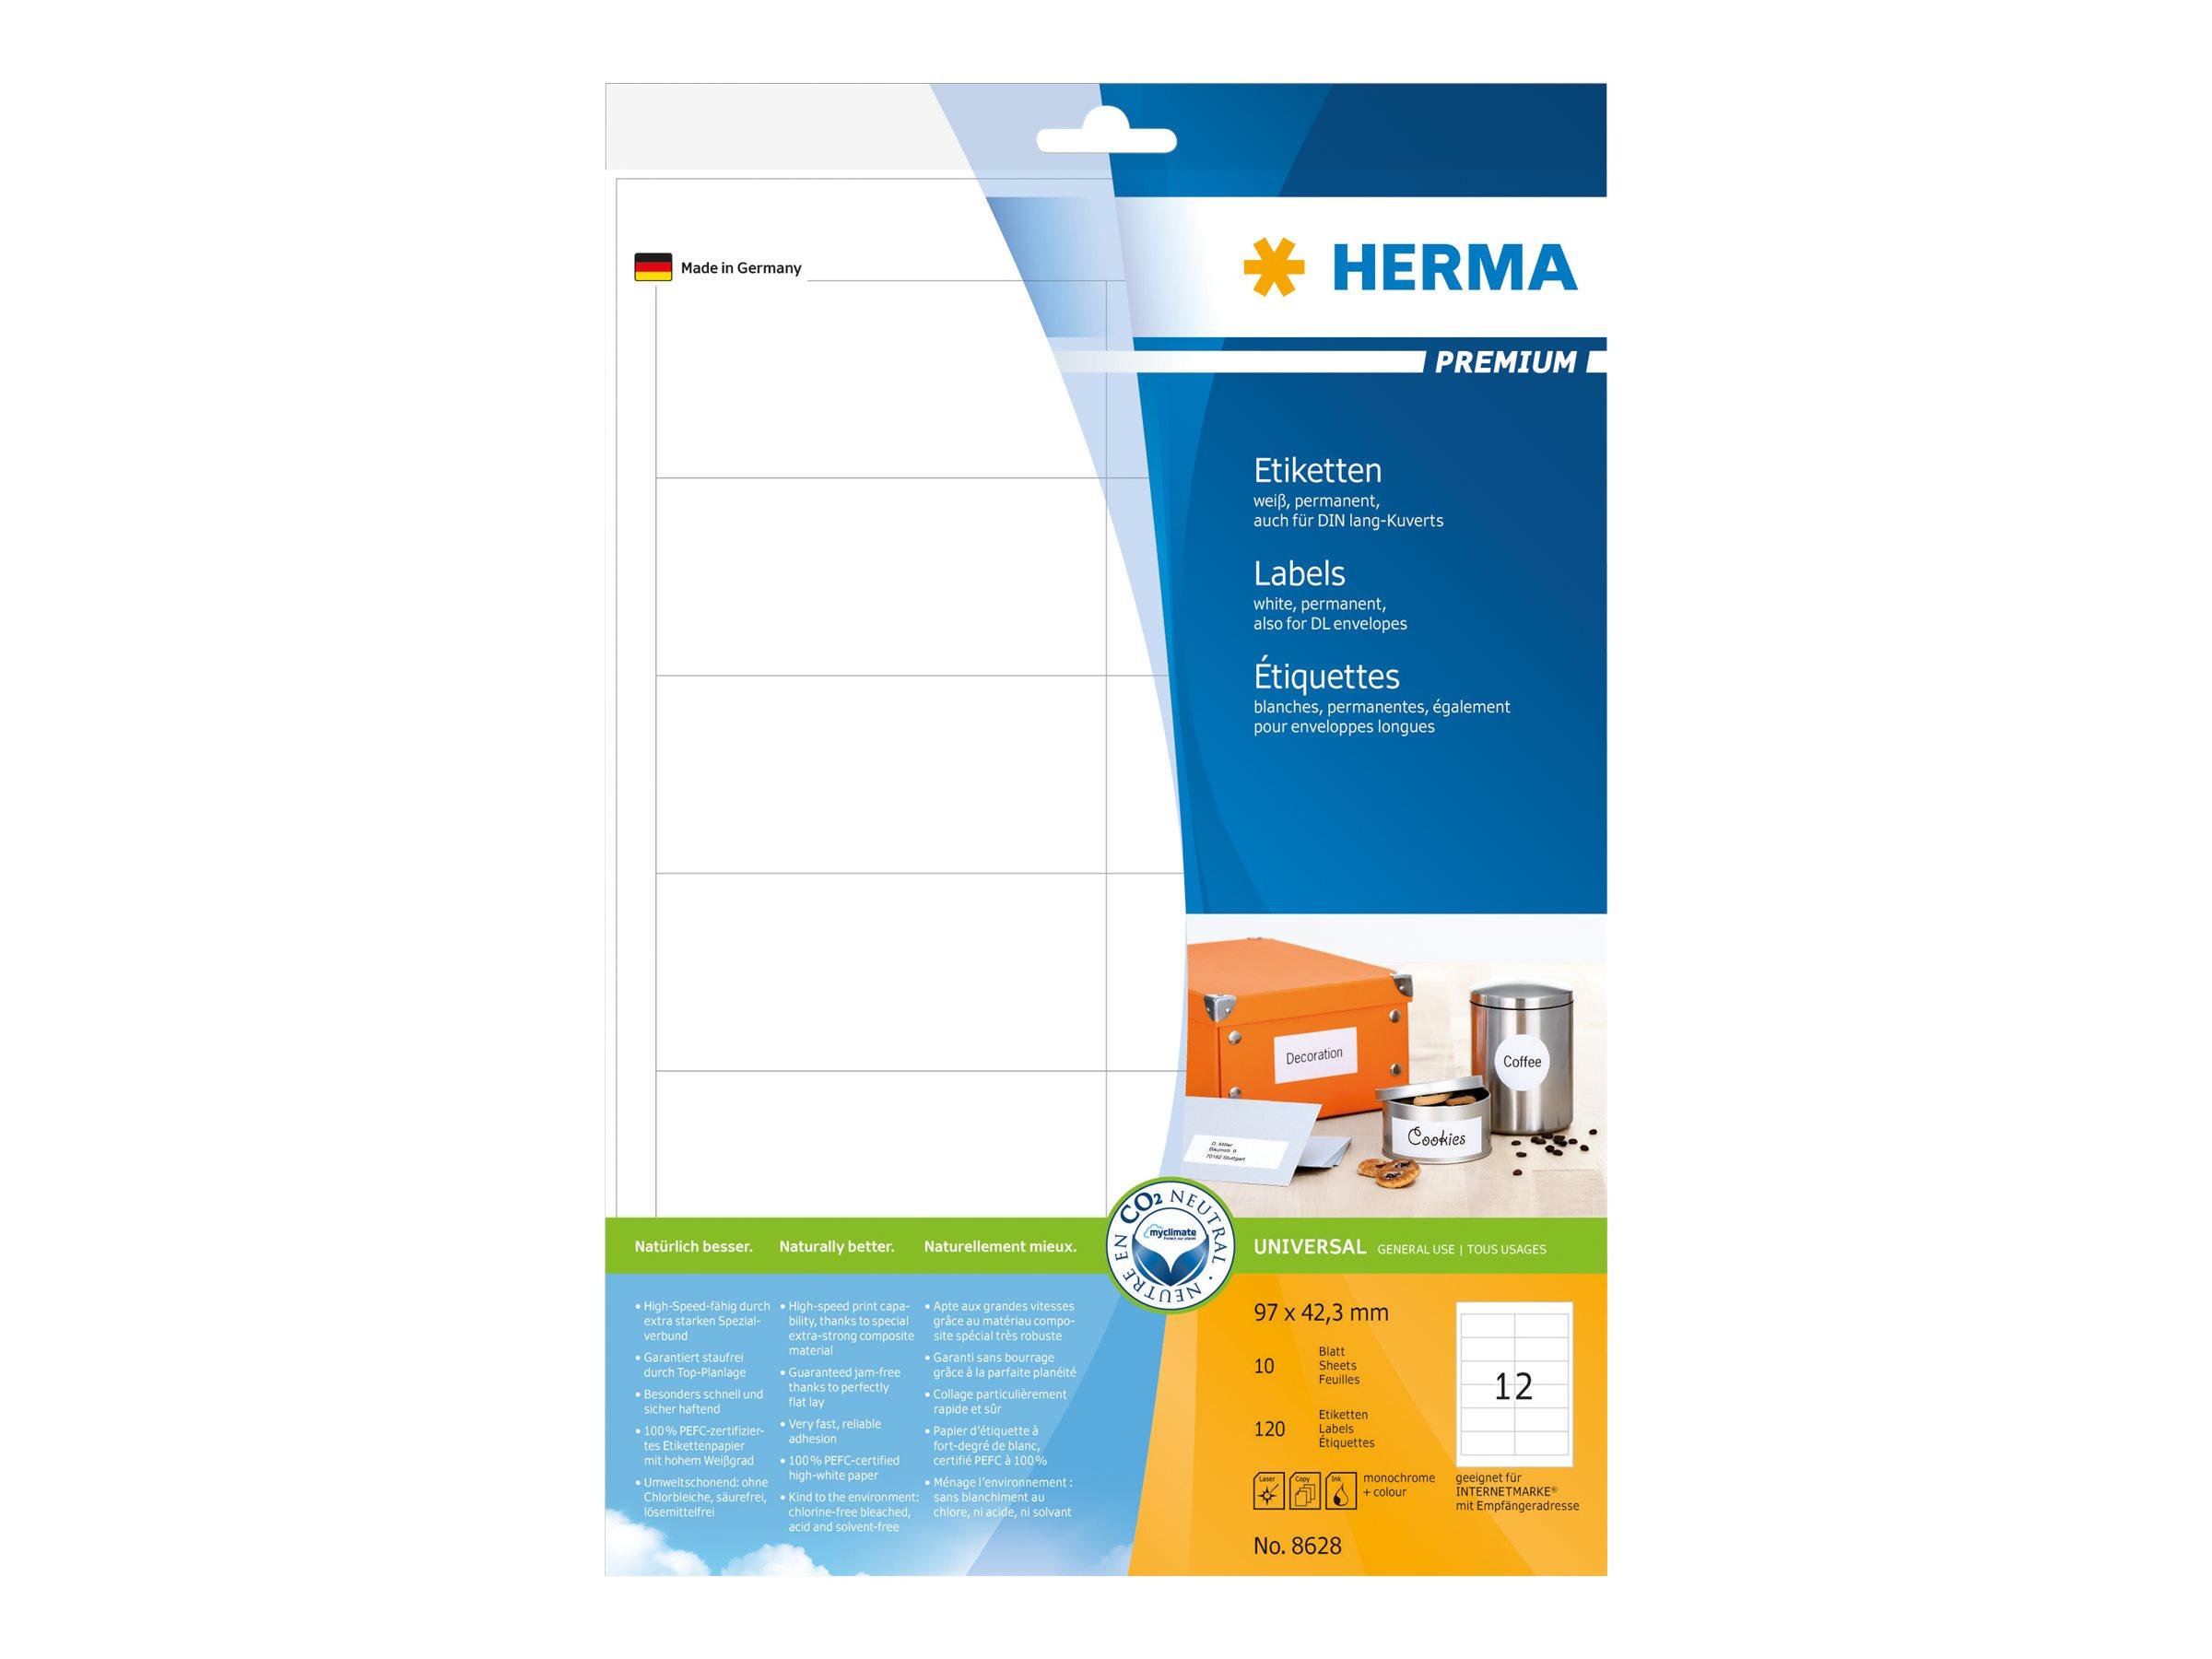 HERMA Premium - Papier - matt - permanent selbstklebend - weiß - 97 x 42.3 mm 120 Etikett(en) (10 Bogen x 12)